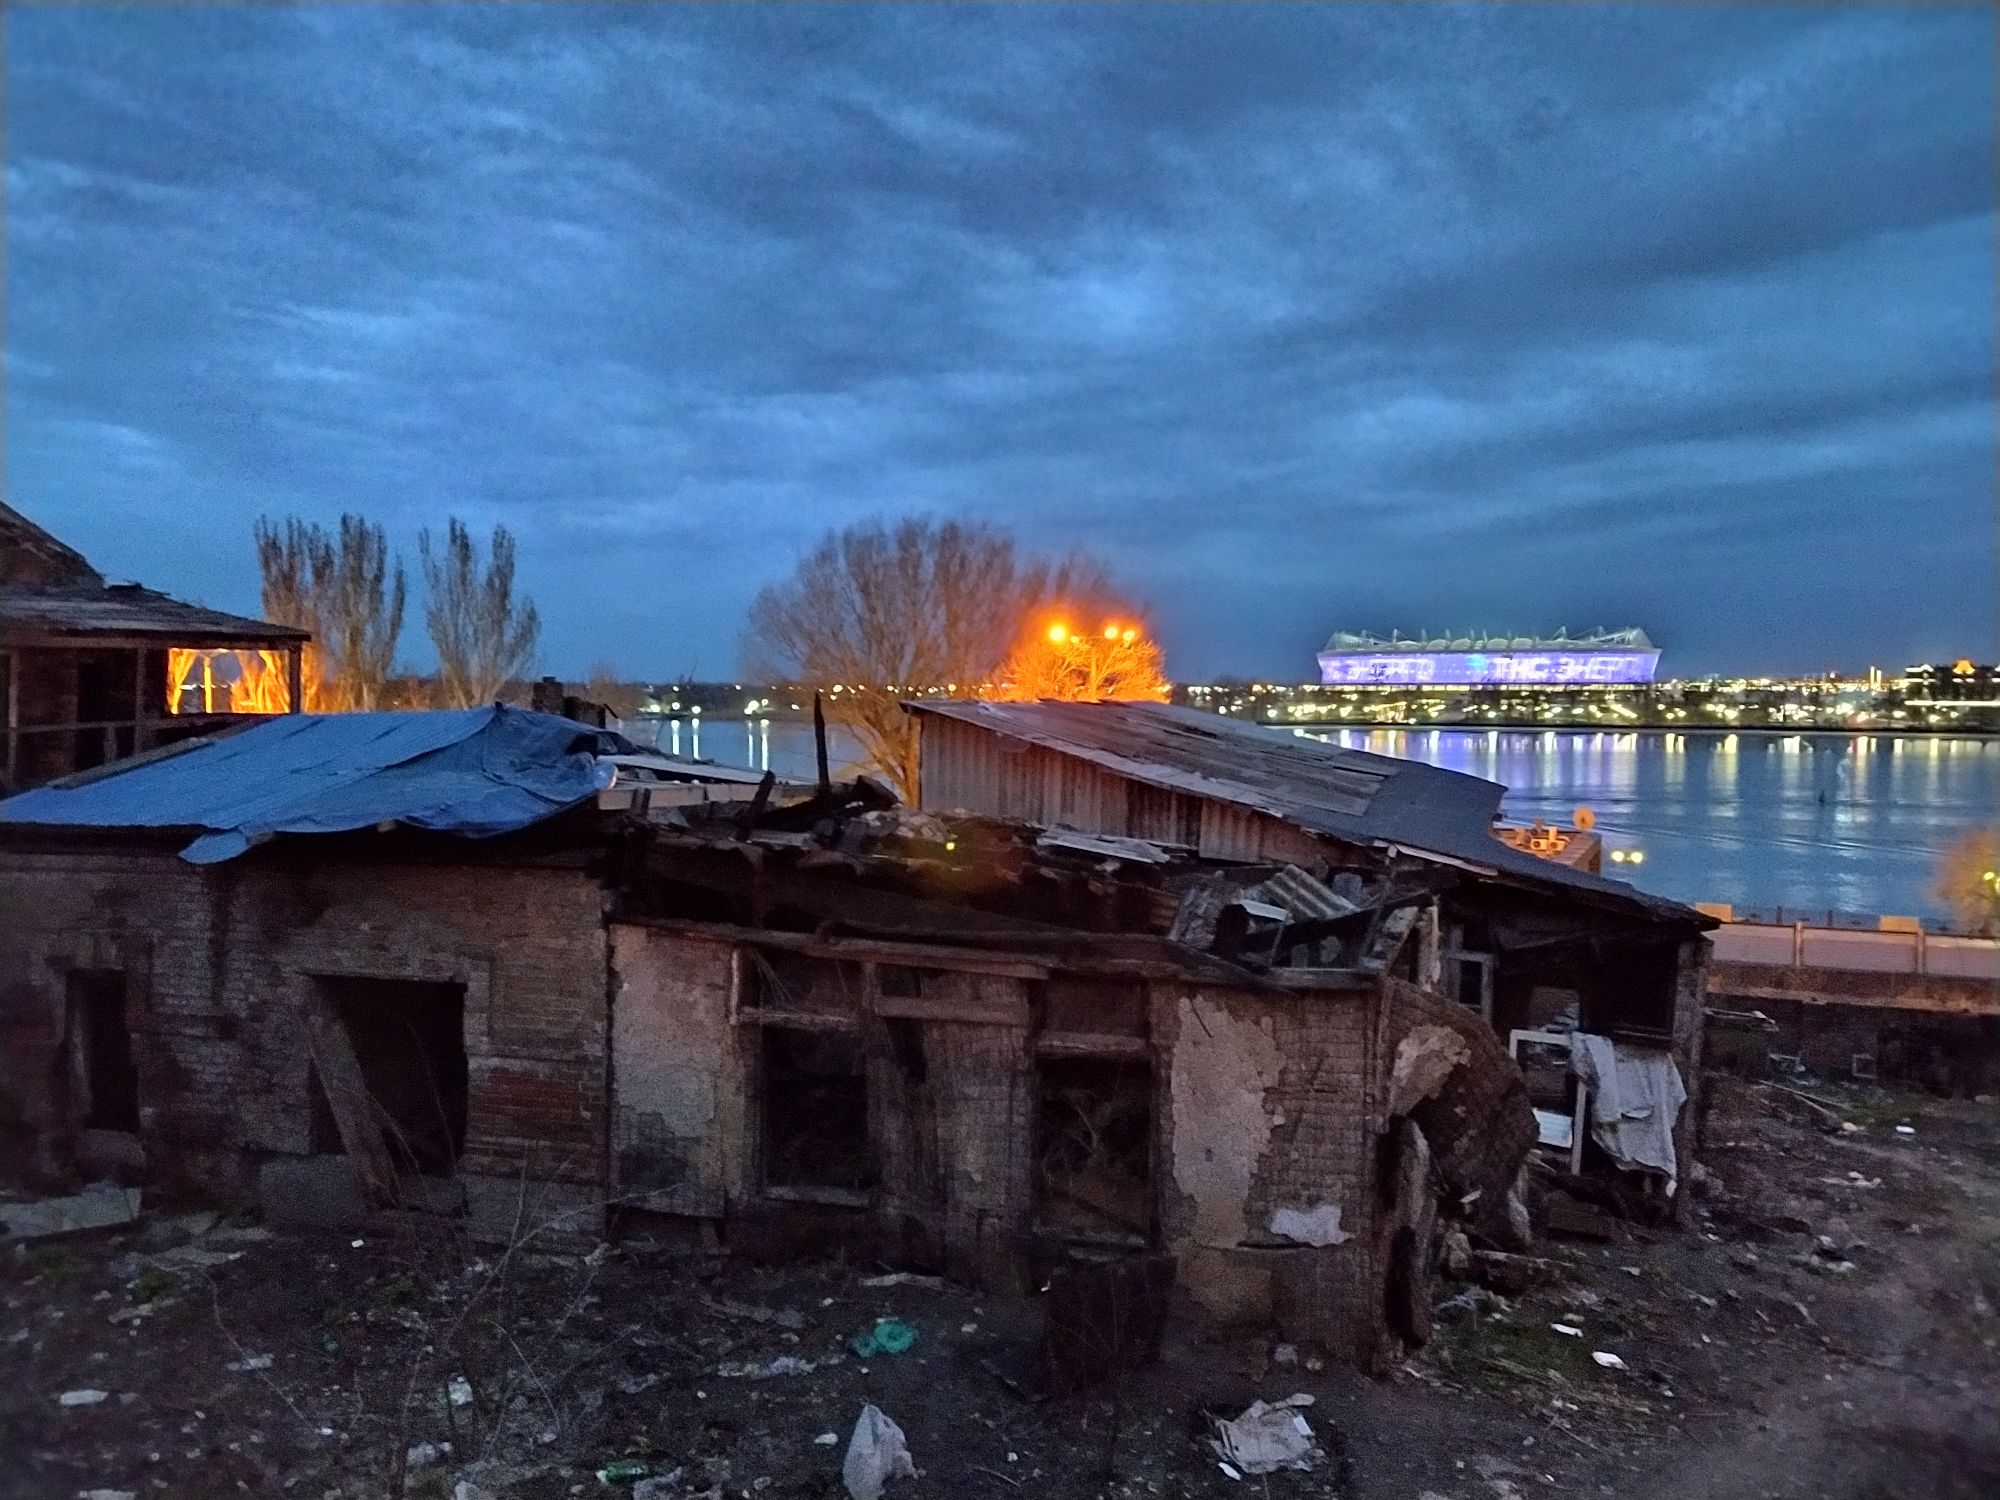 Это конечно квинтэссенция примерно всего - сияющая РостовАрена на левбердоне и останки чего-то на правом берегу.